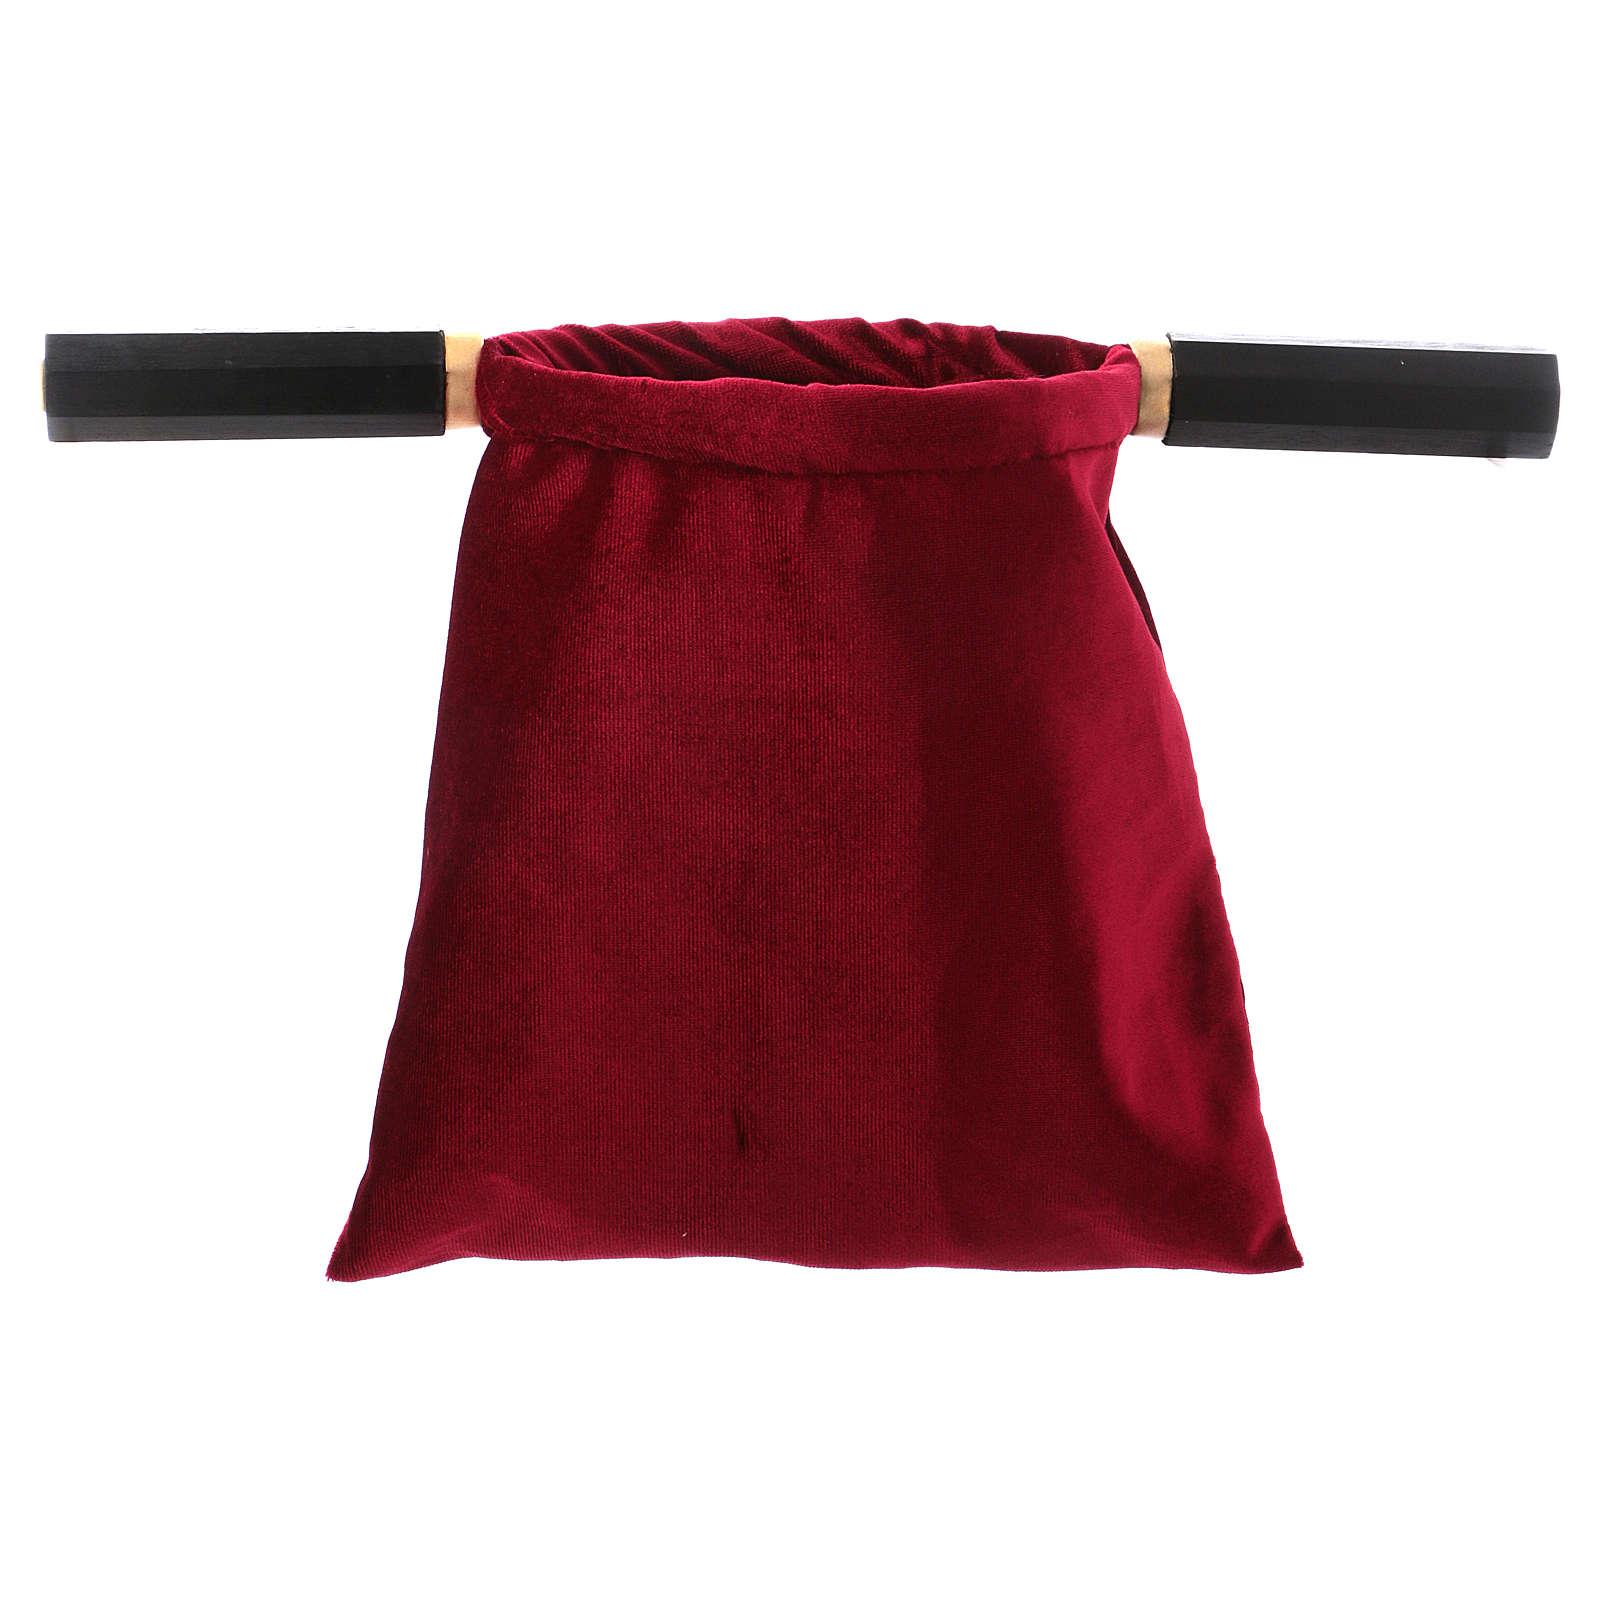 Sac aumône velours rouge avec deux manches 3